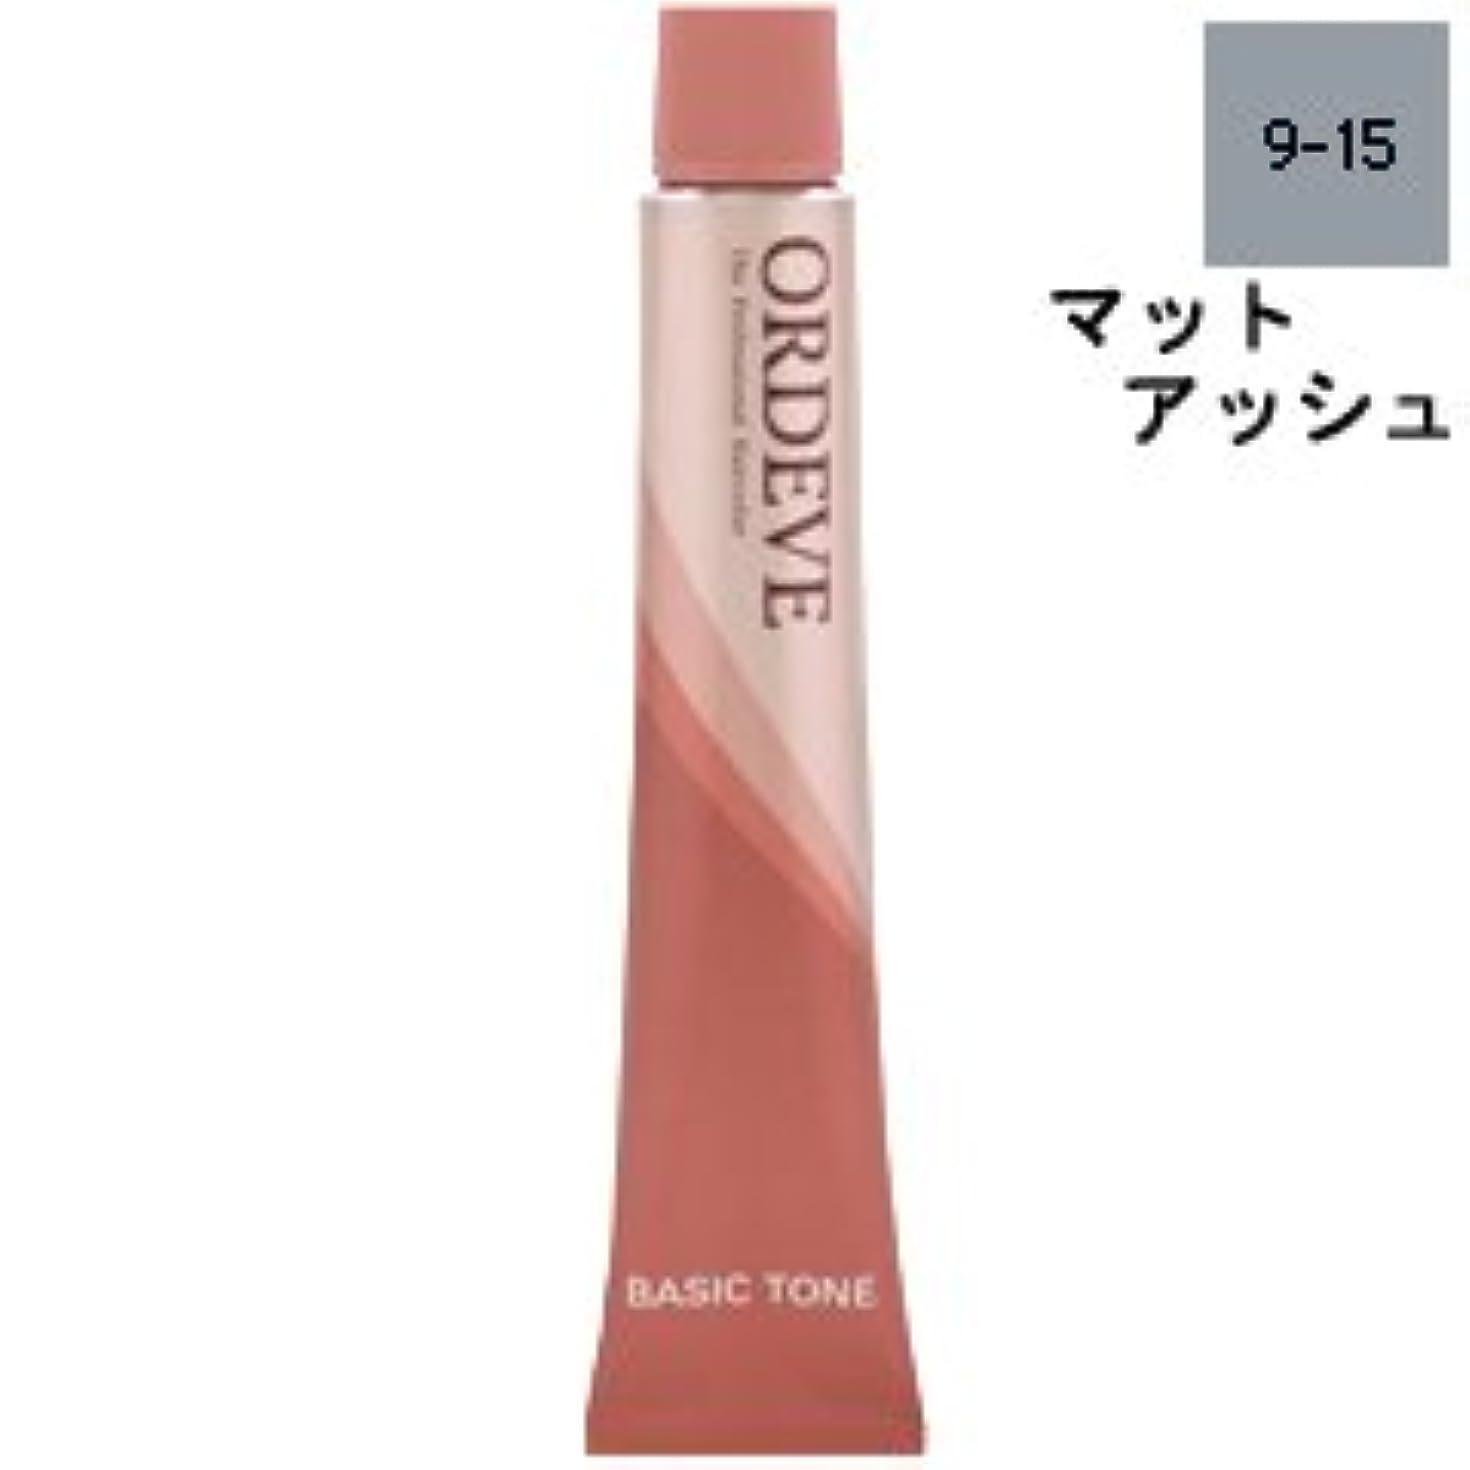 びっくりする味放散する【ミルボン】オルディーブ ベーシックトーン #09-15 マットアッシュ 80g